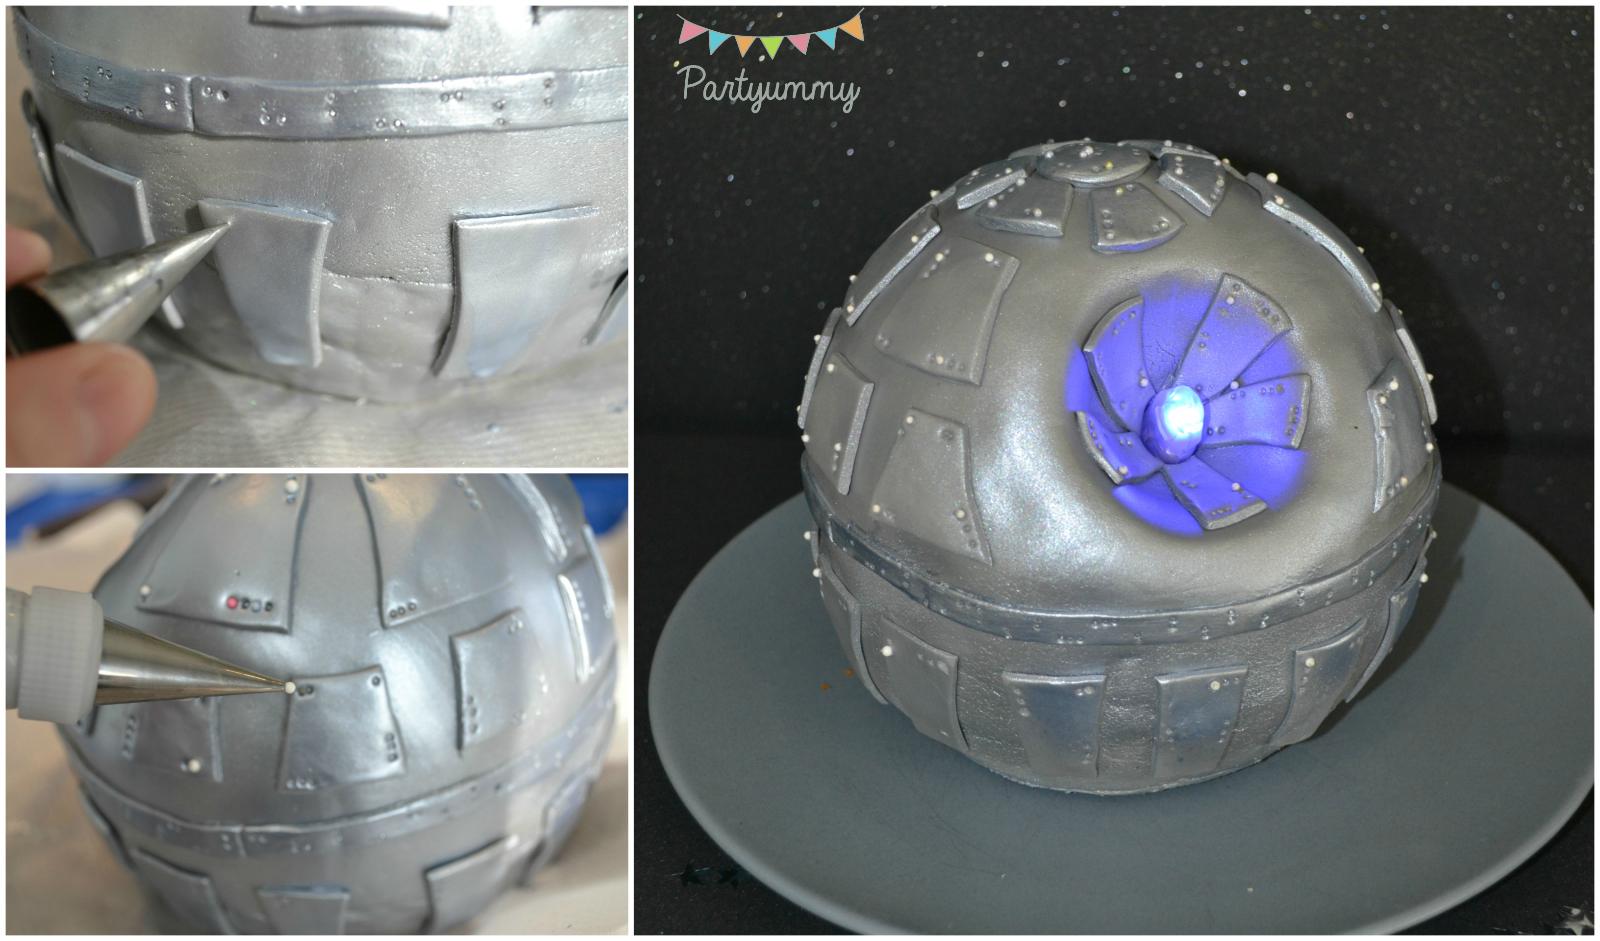 star-wars-etoile-mort-noire-death-cake-rkt-lumiere-faisceau-laser